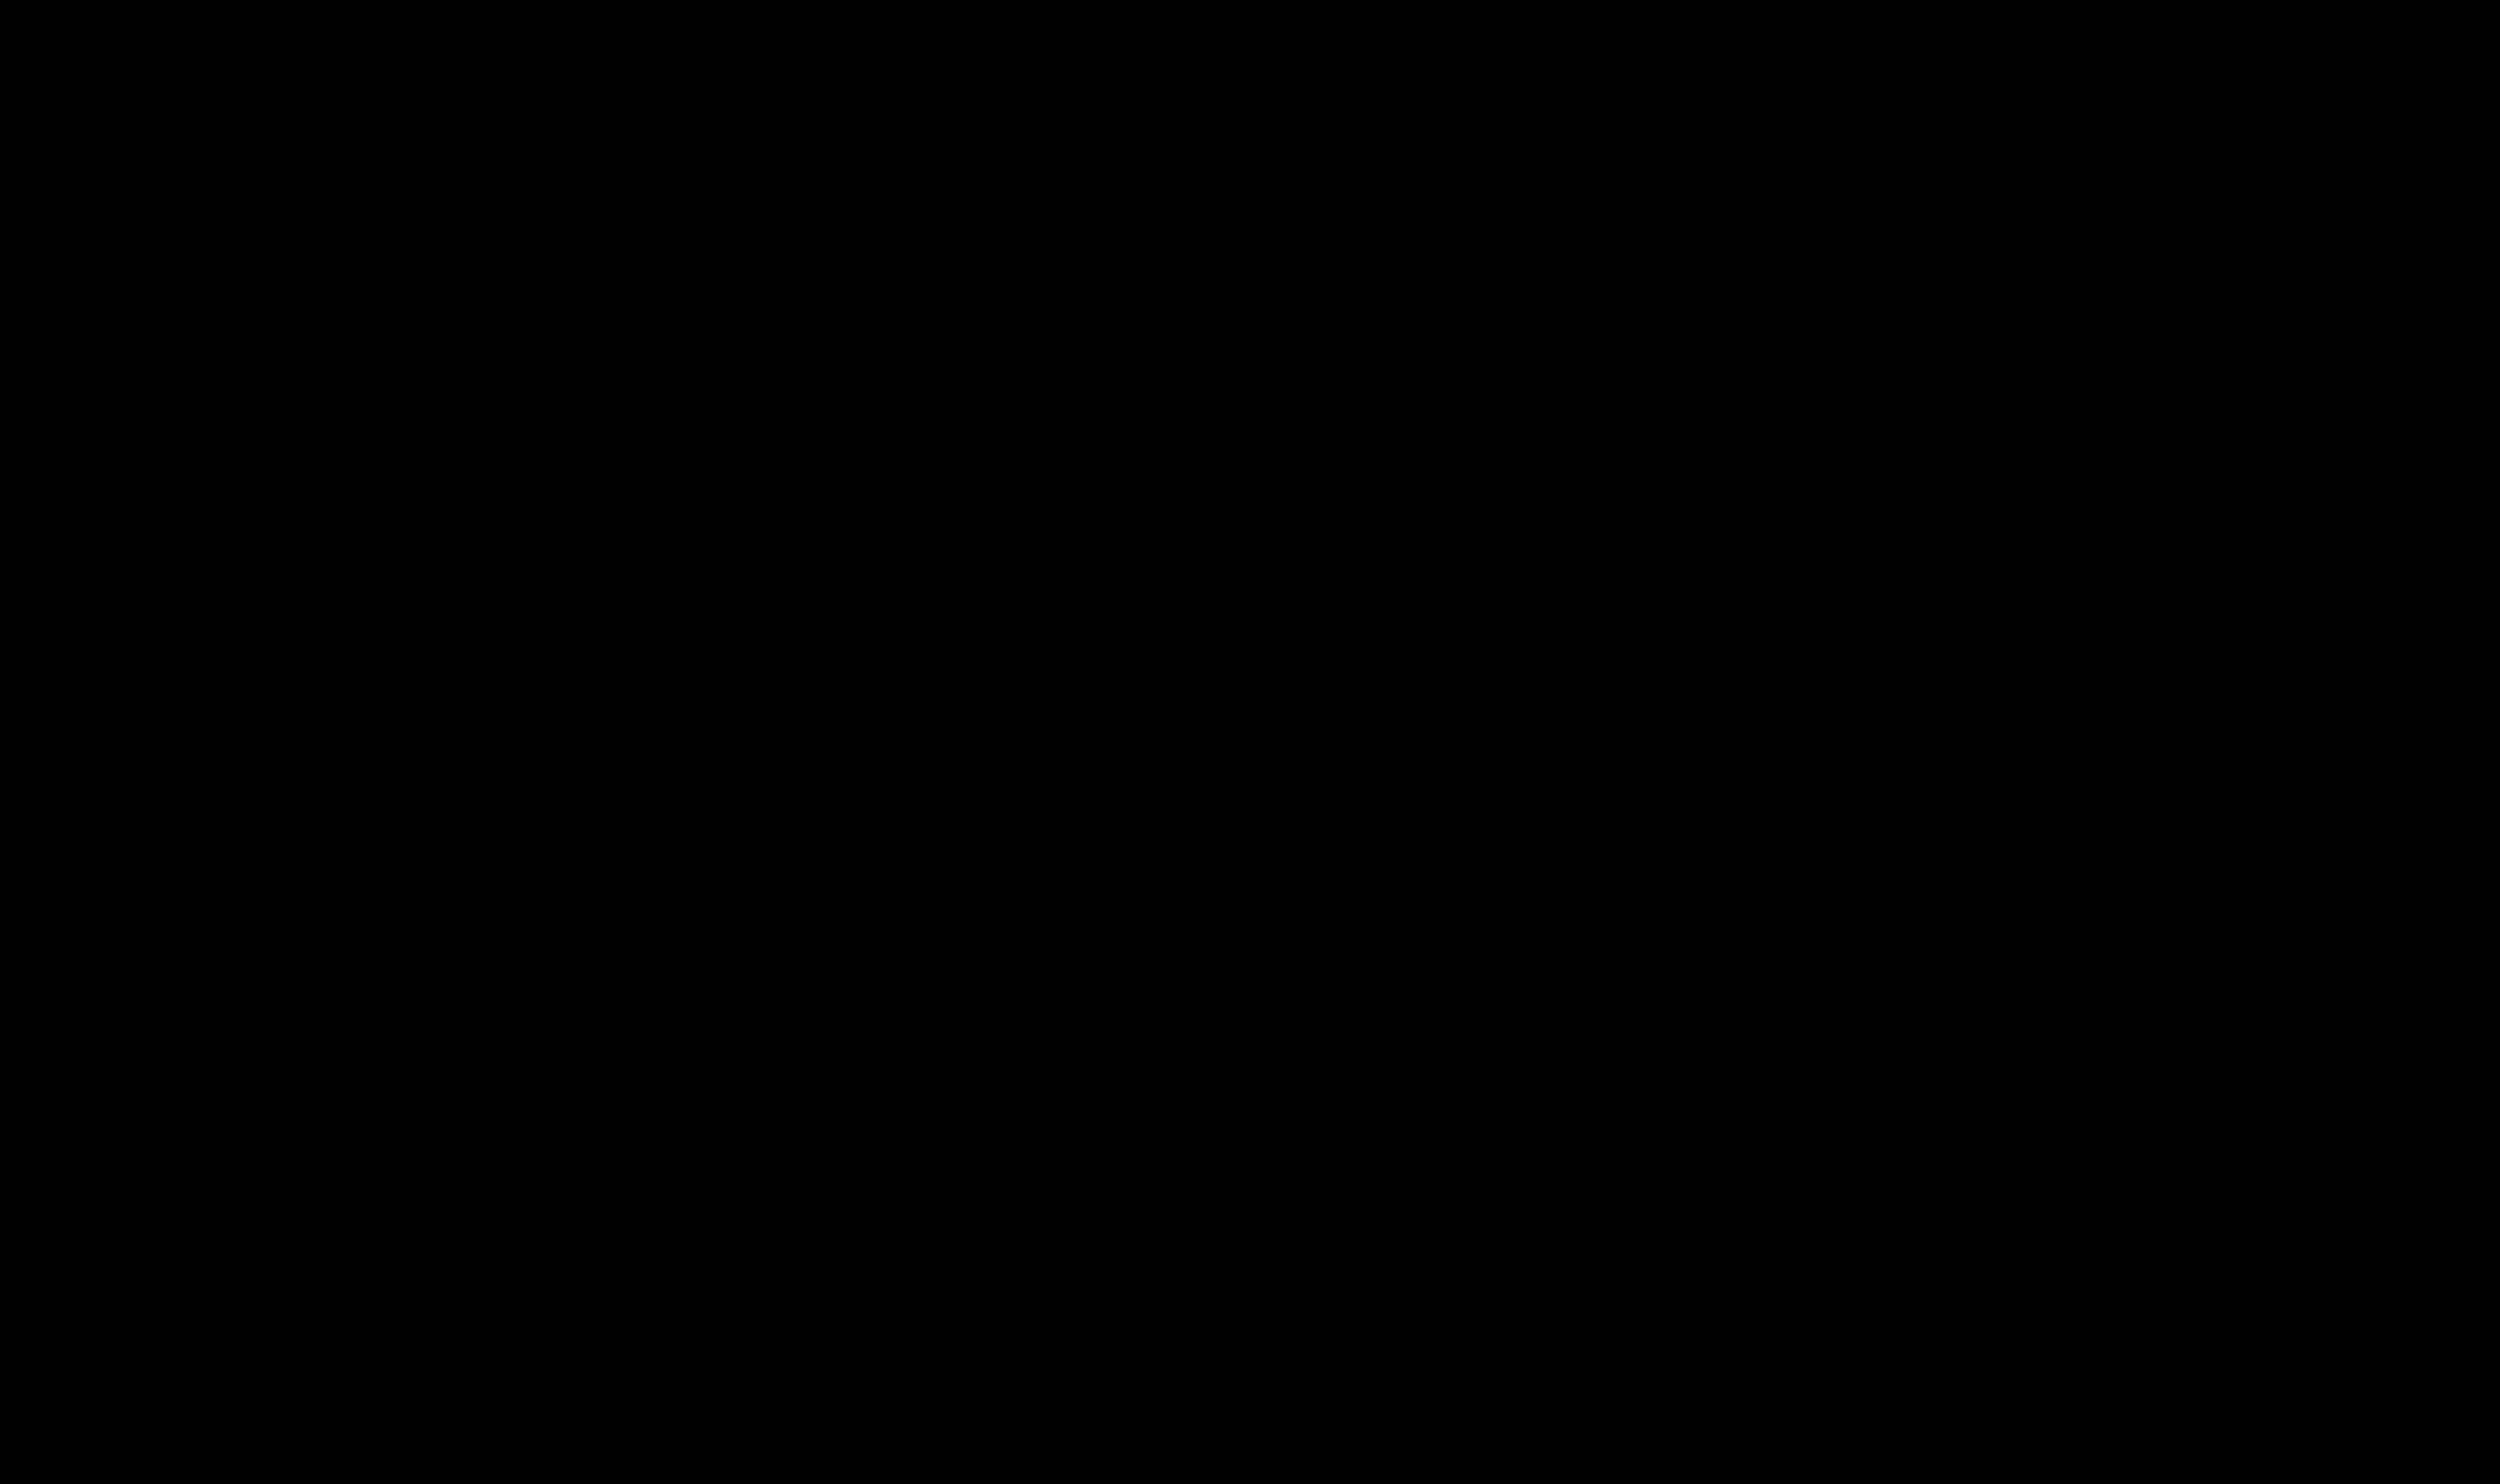 Evribadi